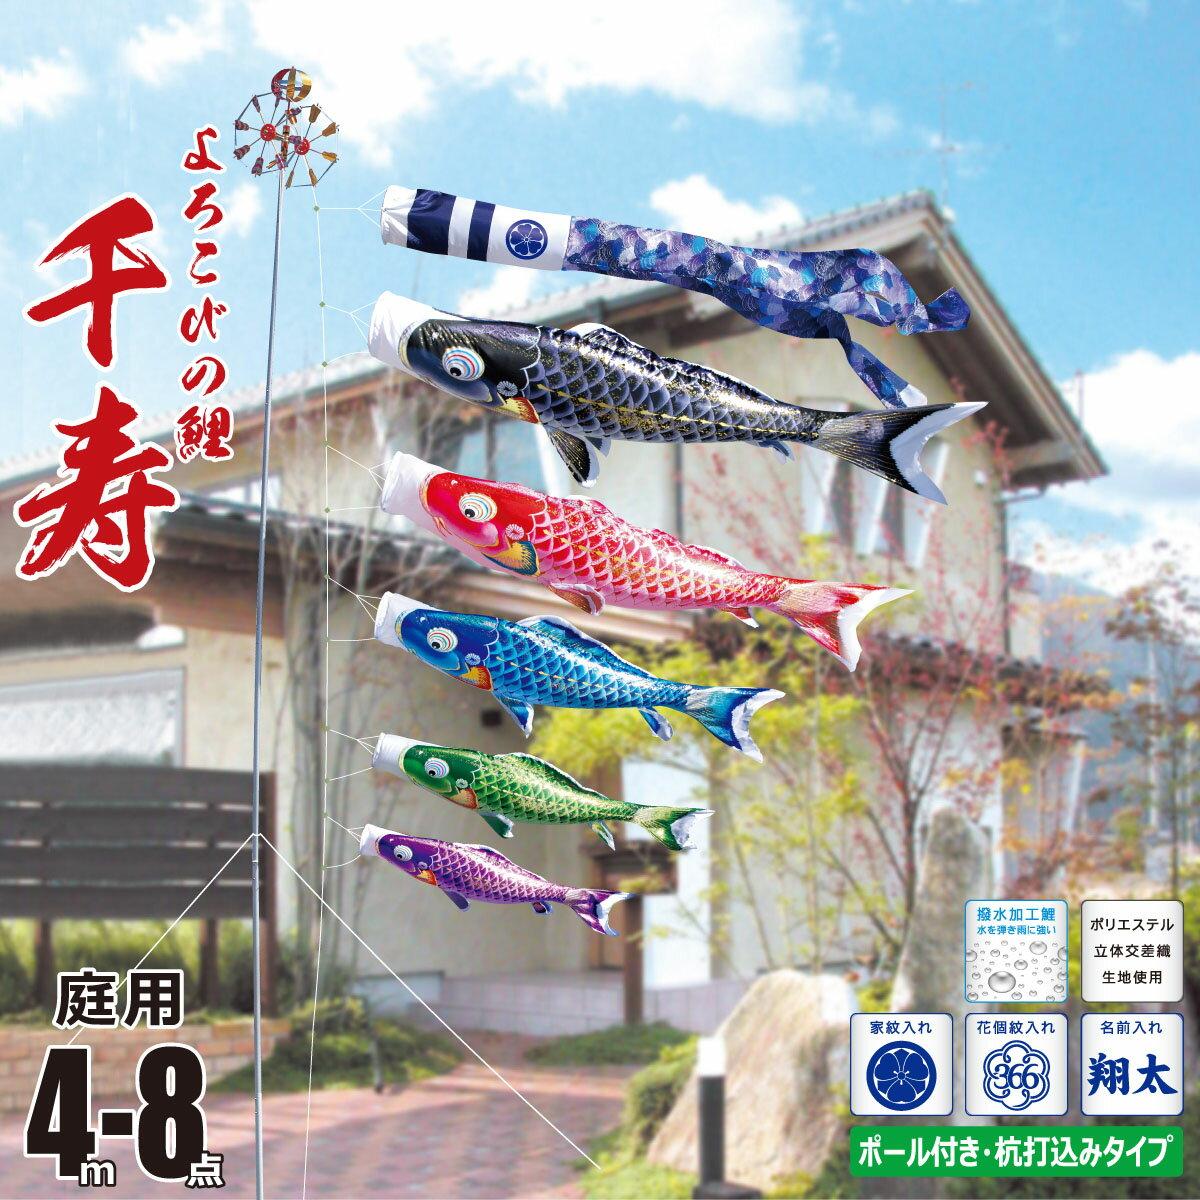 こいのぼり 4m 千寿 8点 (矢車、ロープ、吹流し、鯉5匹) 庭園用 ガーデンセット (専用ポール一式) 徳永鯉のぼり ポイント20倍 KIT-112-132